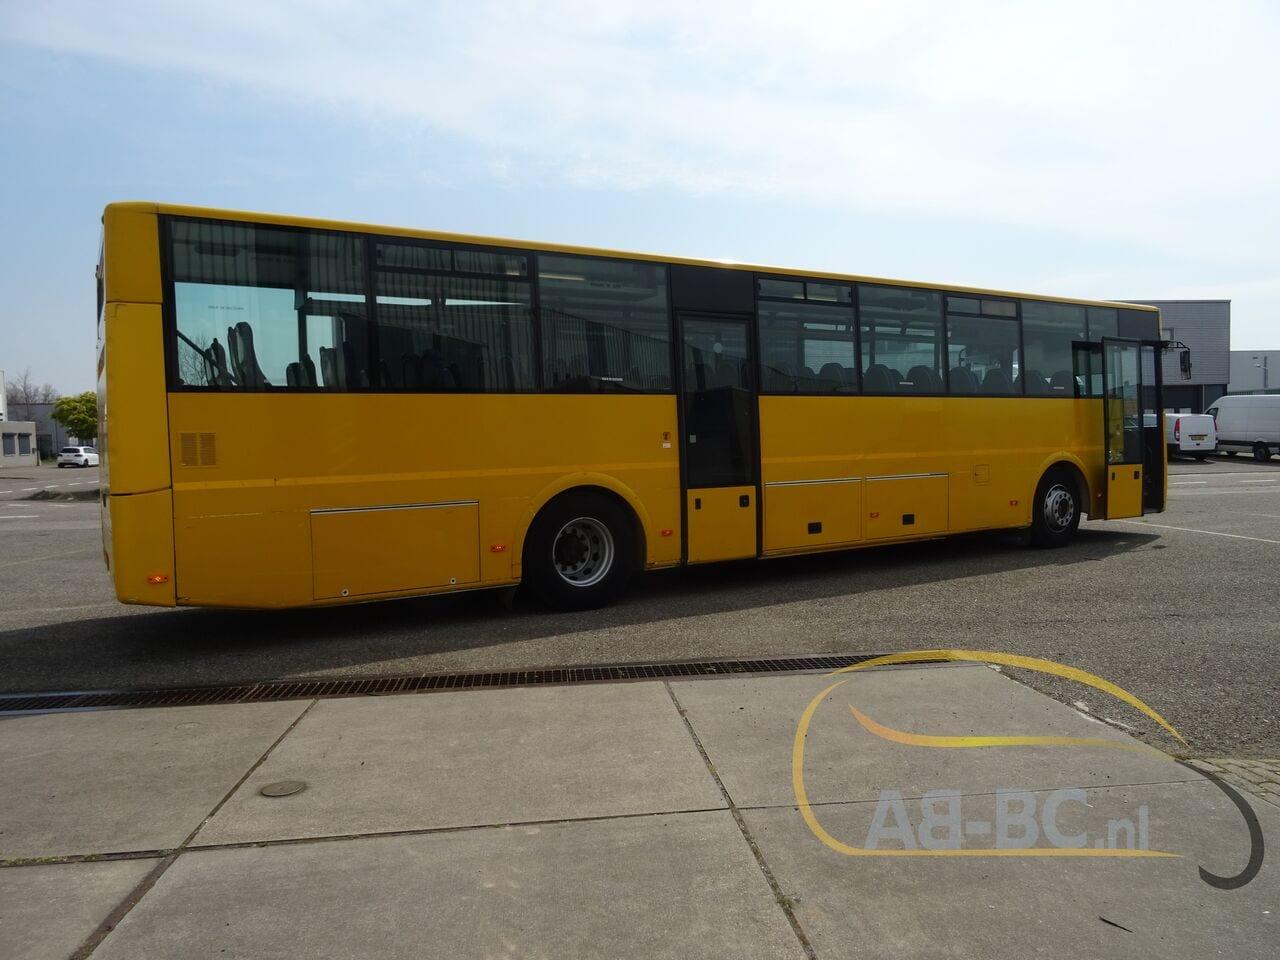 interurban-busMAN-Fast-64-seats---1619619655267747697_big_c77e57e5bde89b9dfd9c4076b6e3ebf7--21042817163019598600